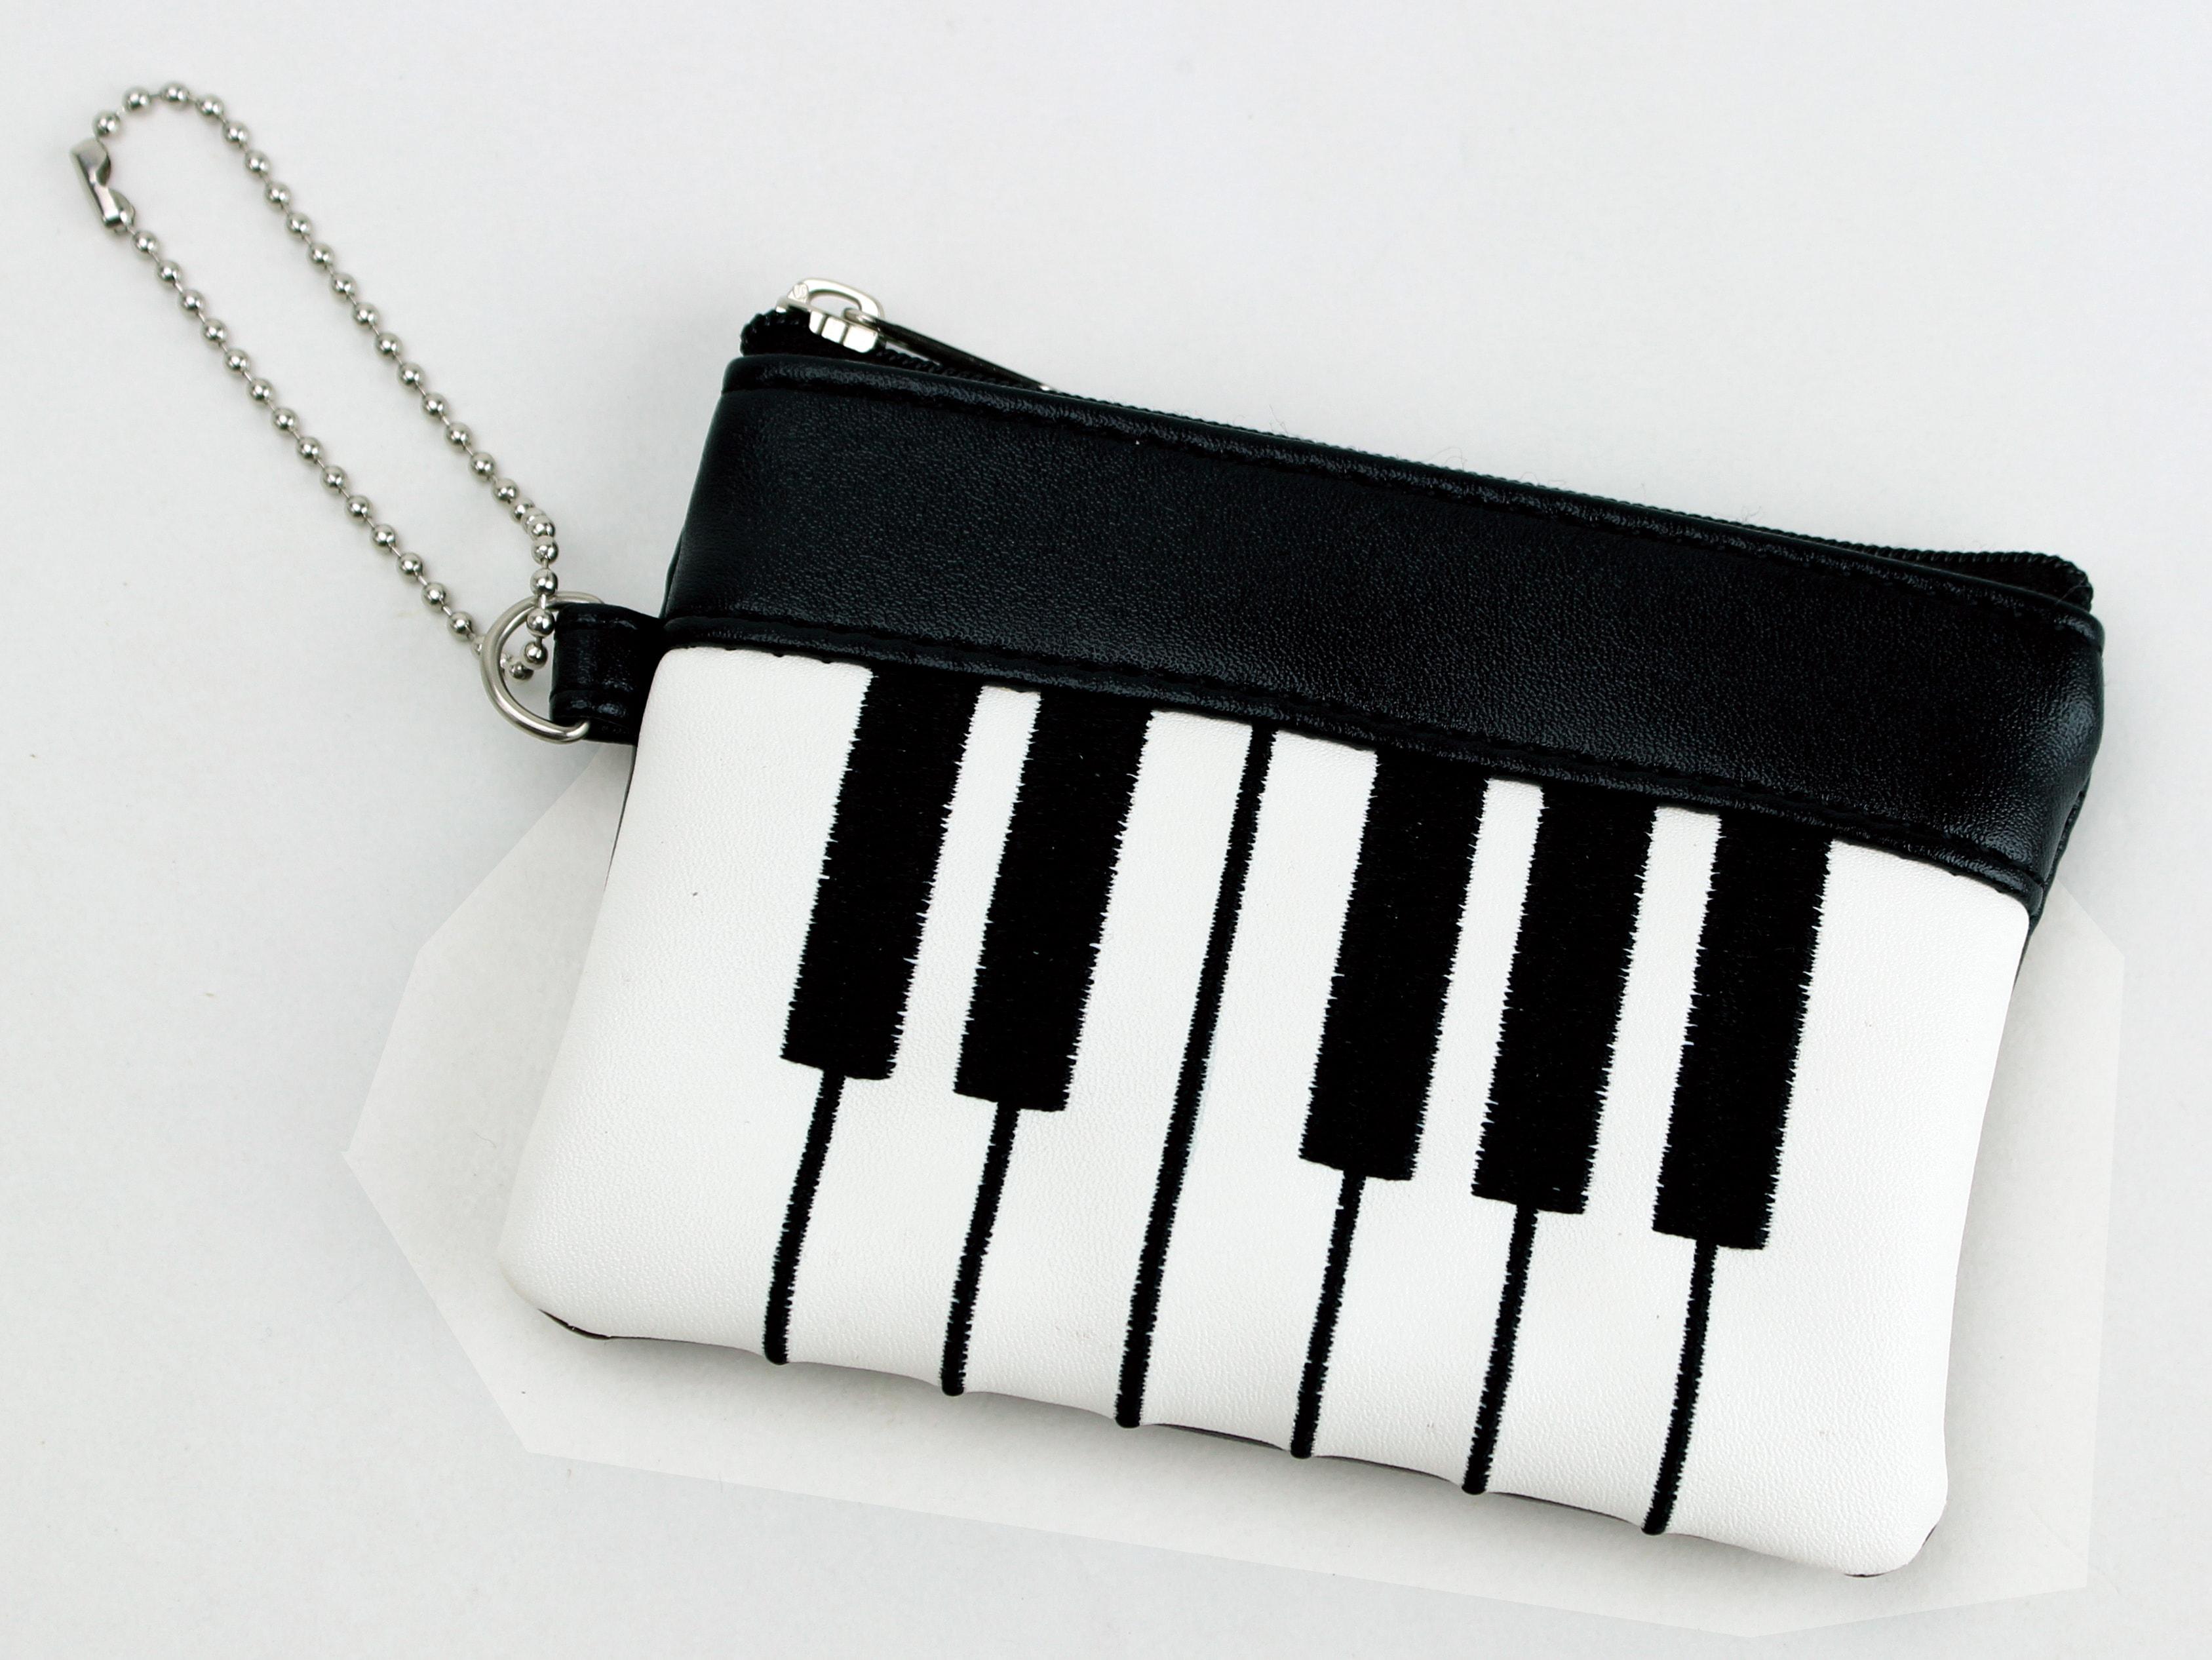 ピアノポーチ♪※在庫有りと書いてあっても、お取り寄せ商品は受注後にメーカー注文になります。※☆【音符・小物グッズ-音楽雑貨】【音楽雑貨】  音楽グッズ  <br>バレエ発表会 記念品 プレゼントに最適 ♪